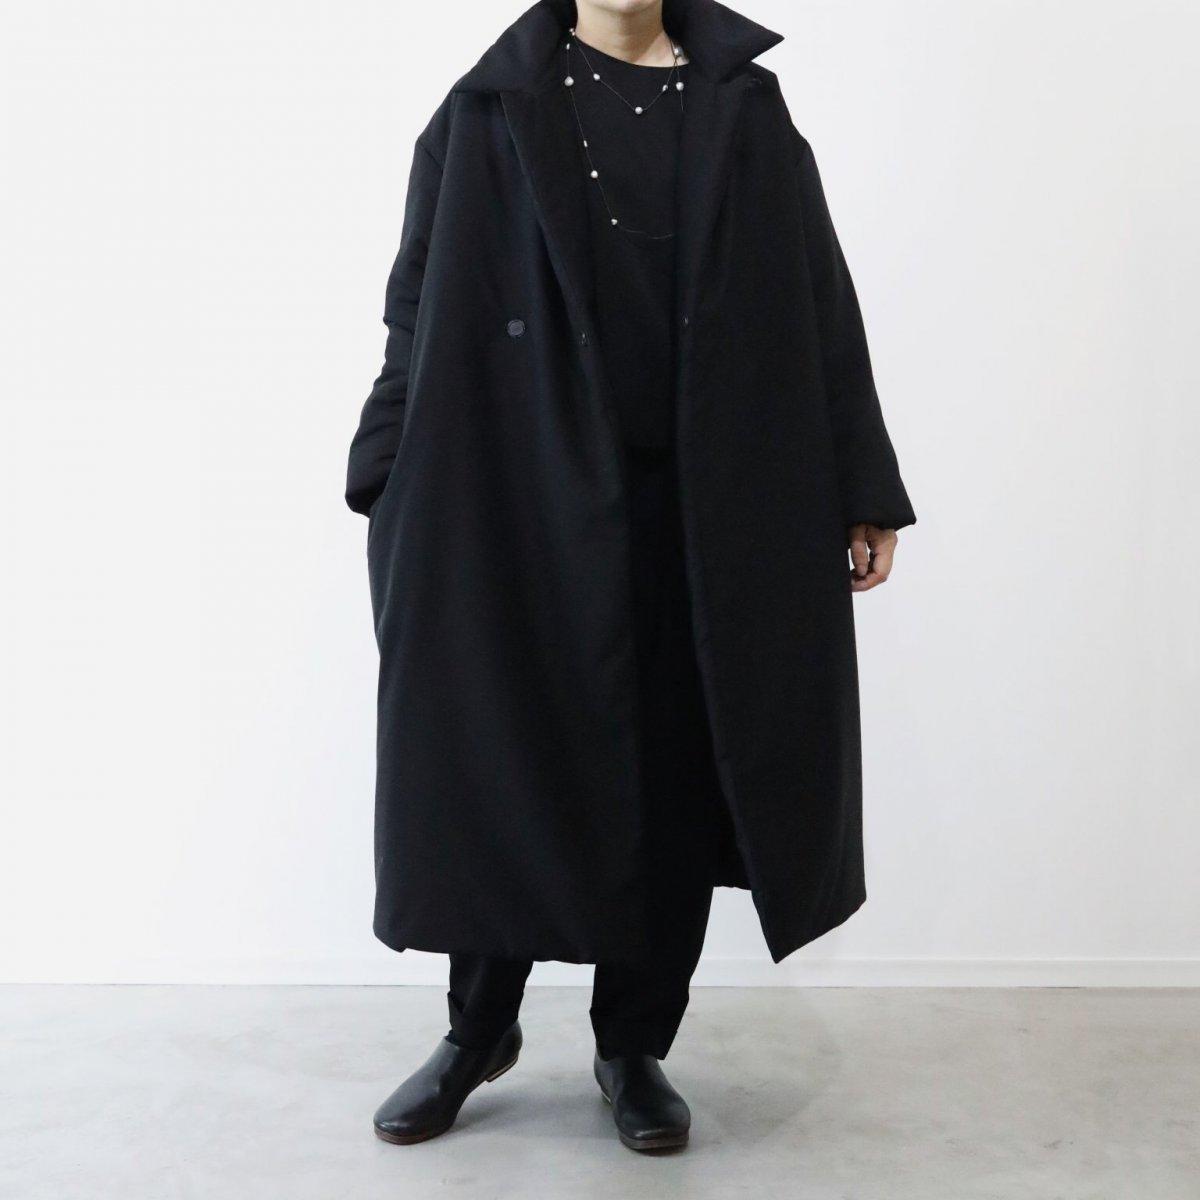 【柏本店にて】11/21(土)より『秋と冬のhimukashii展』